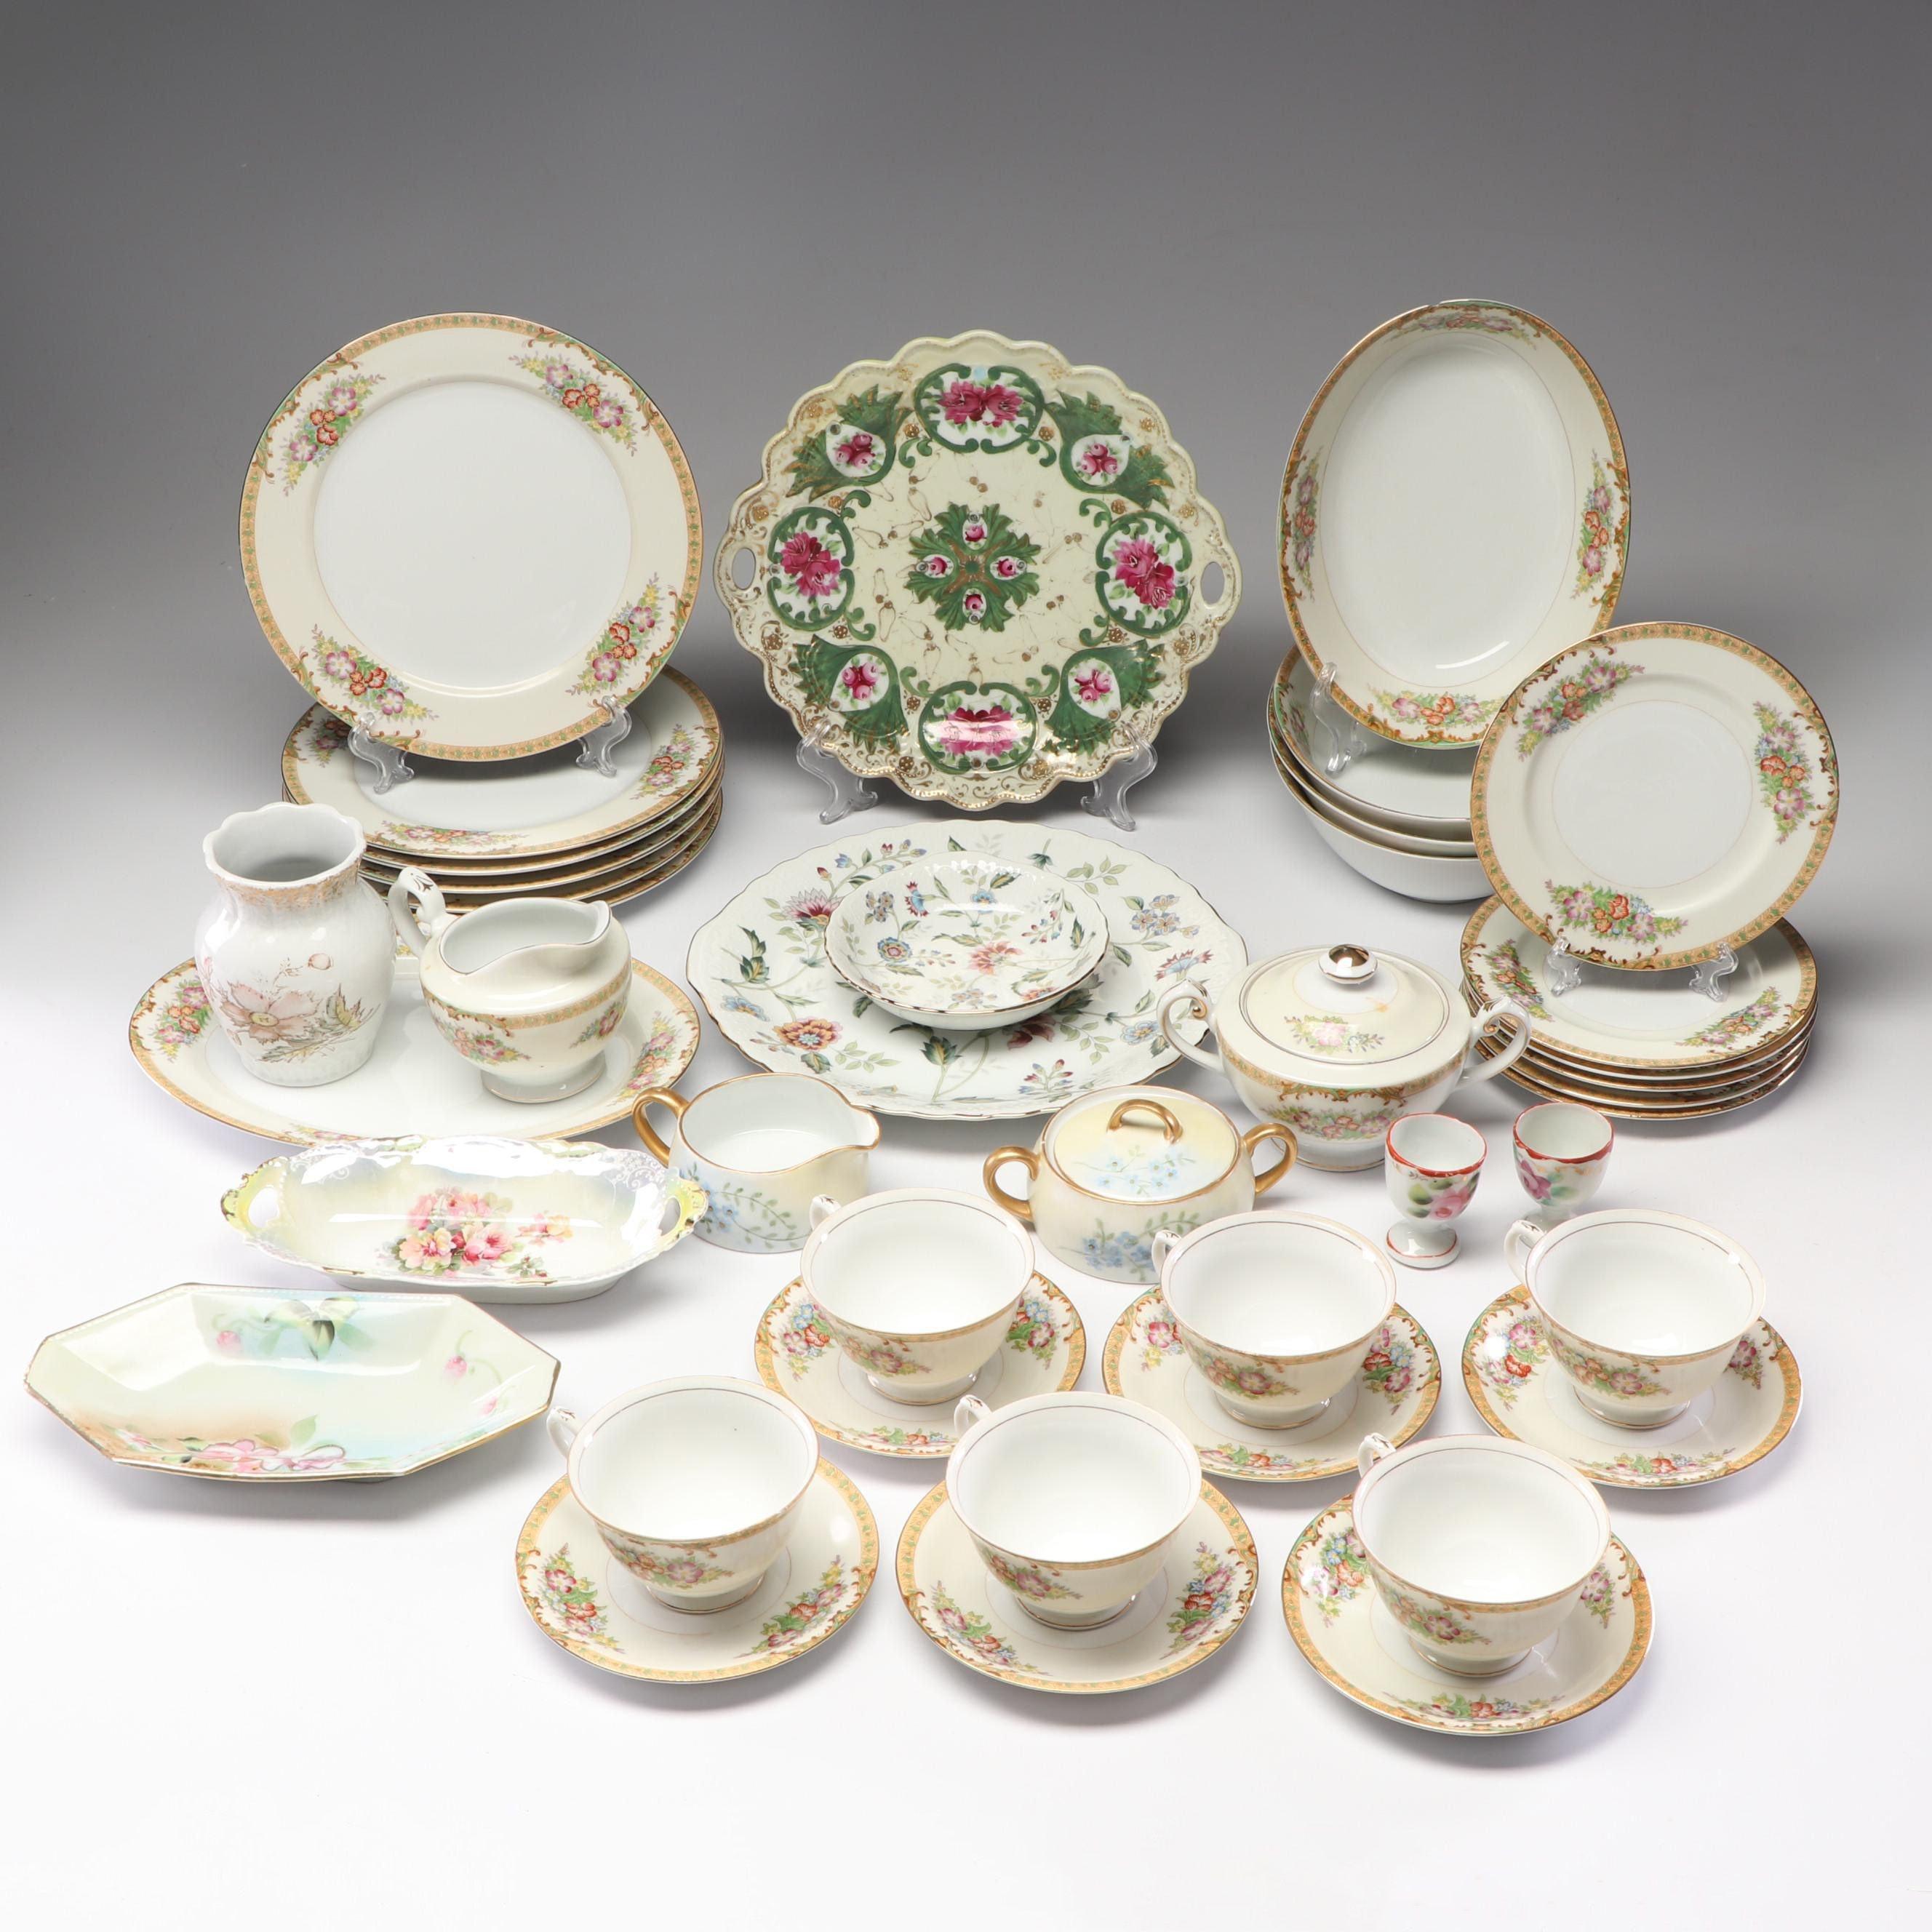 German, Chinese and Japanese Dinnerware with Sadek and Diamond